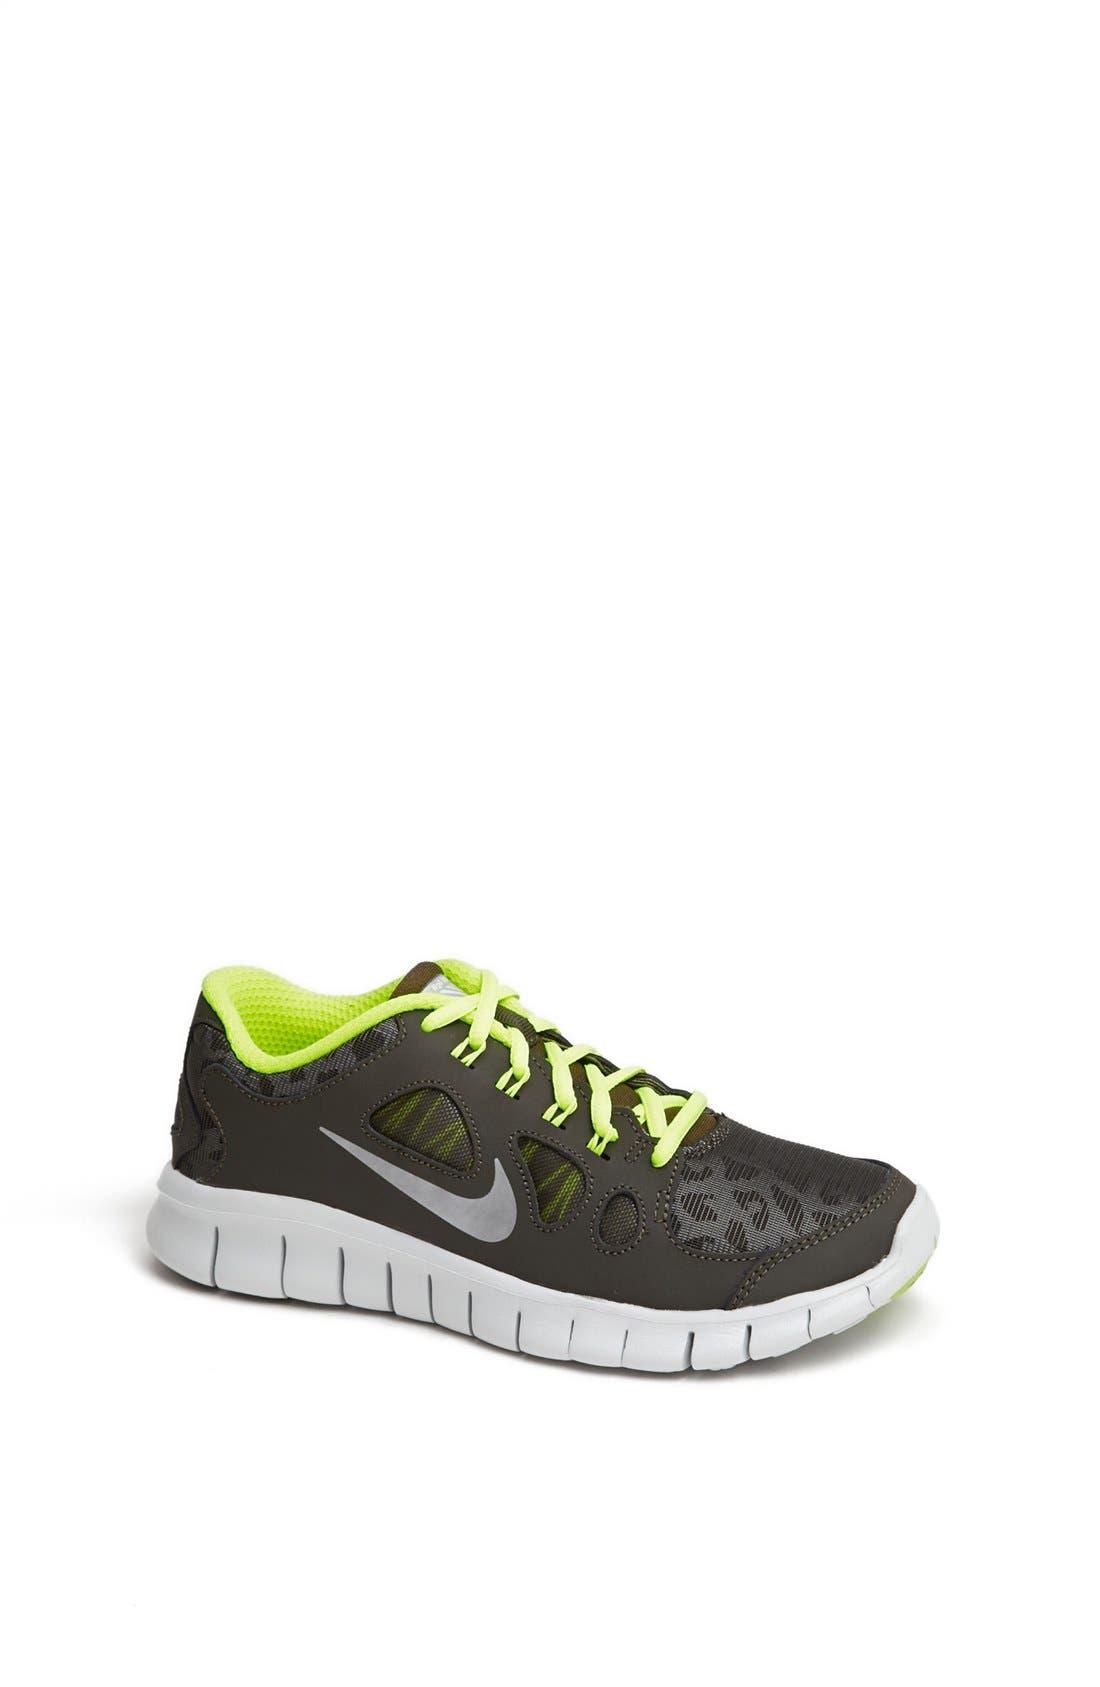 Alternate Image 1 Selected - Nike 'Free 5.0 Shield' Running Shoe (Big Kid)